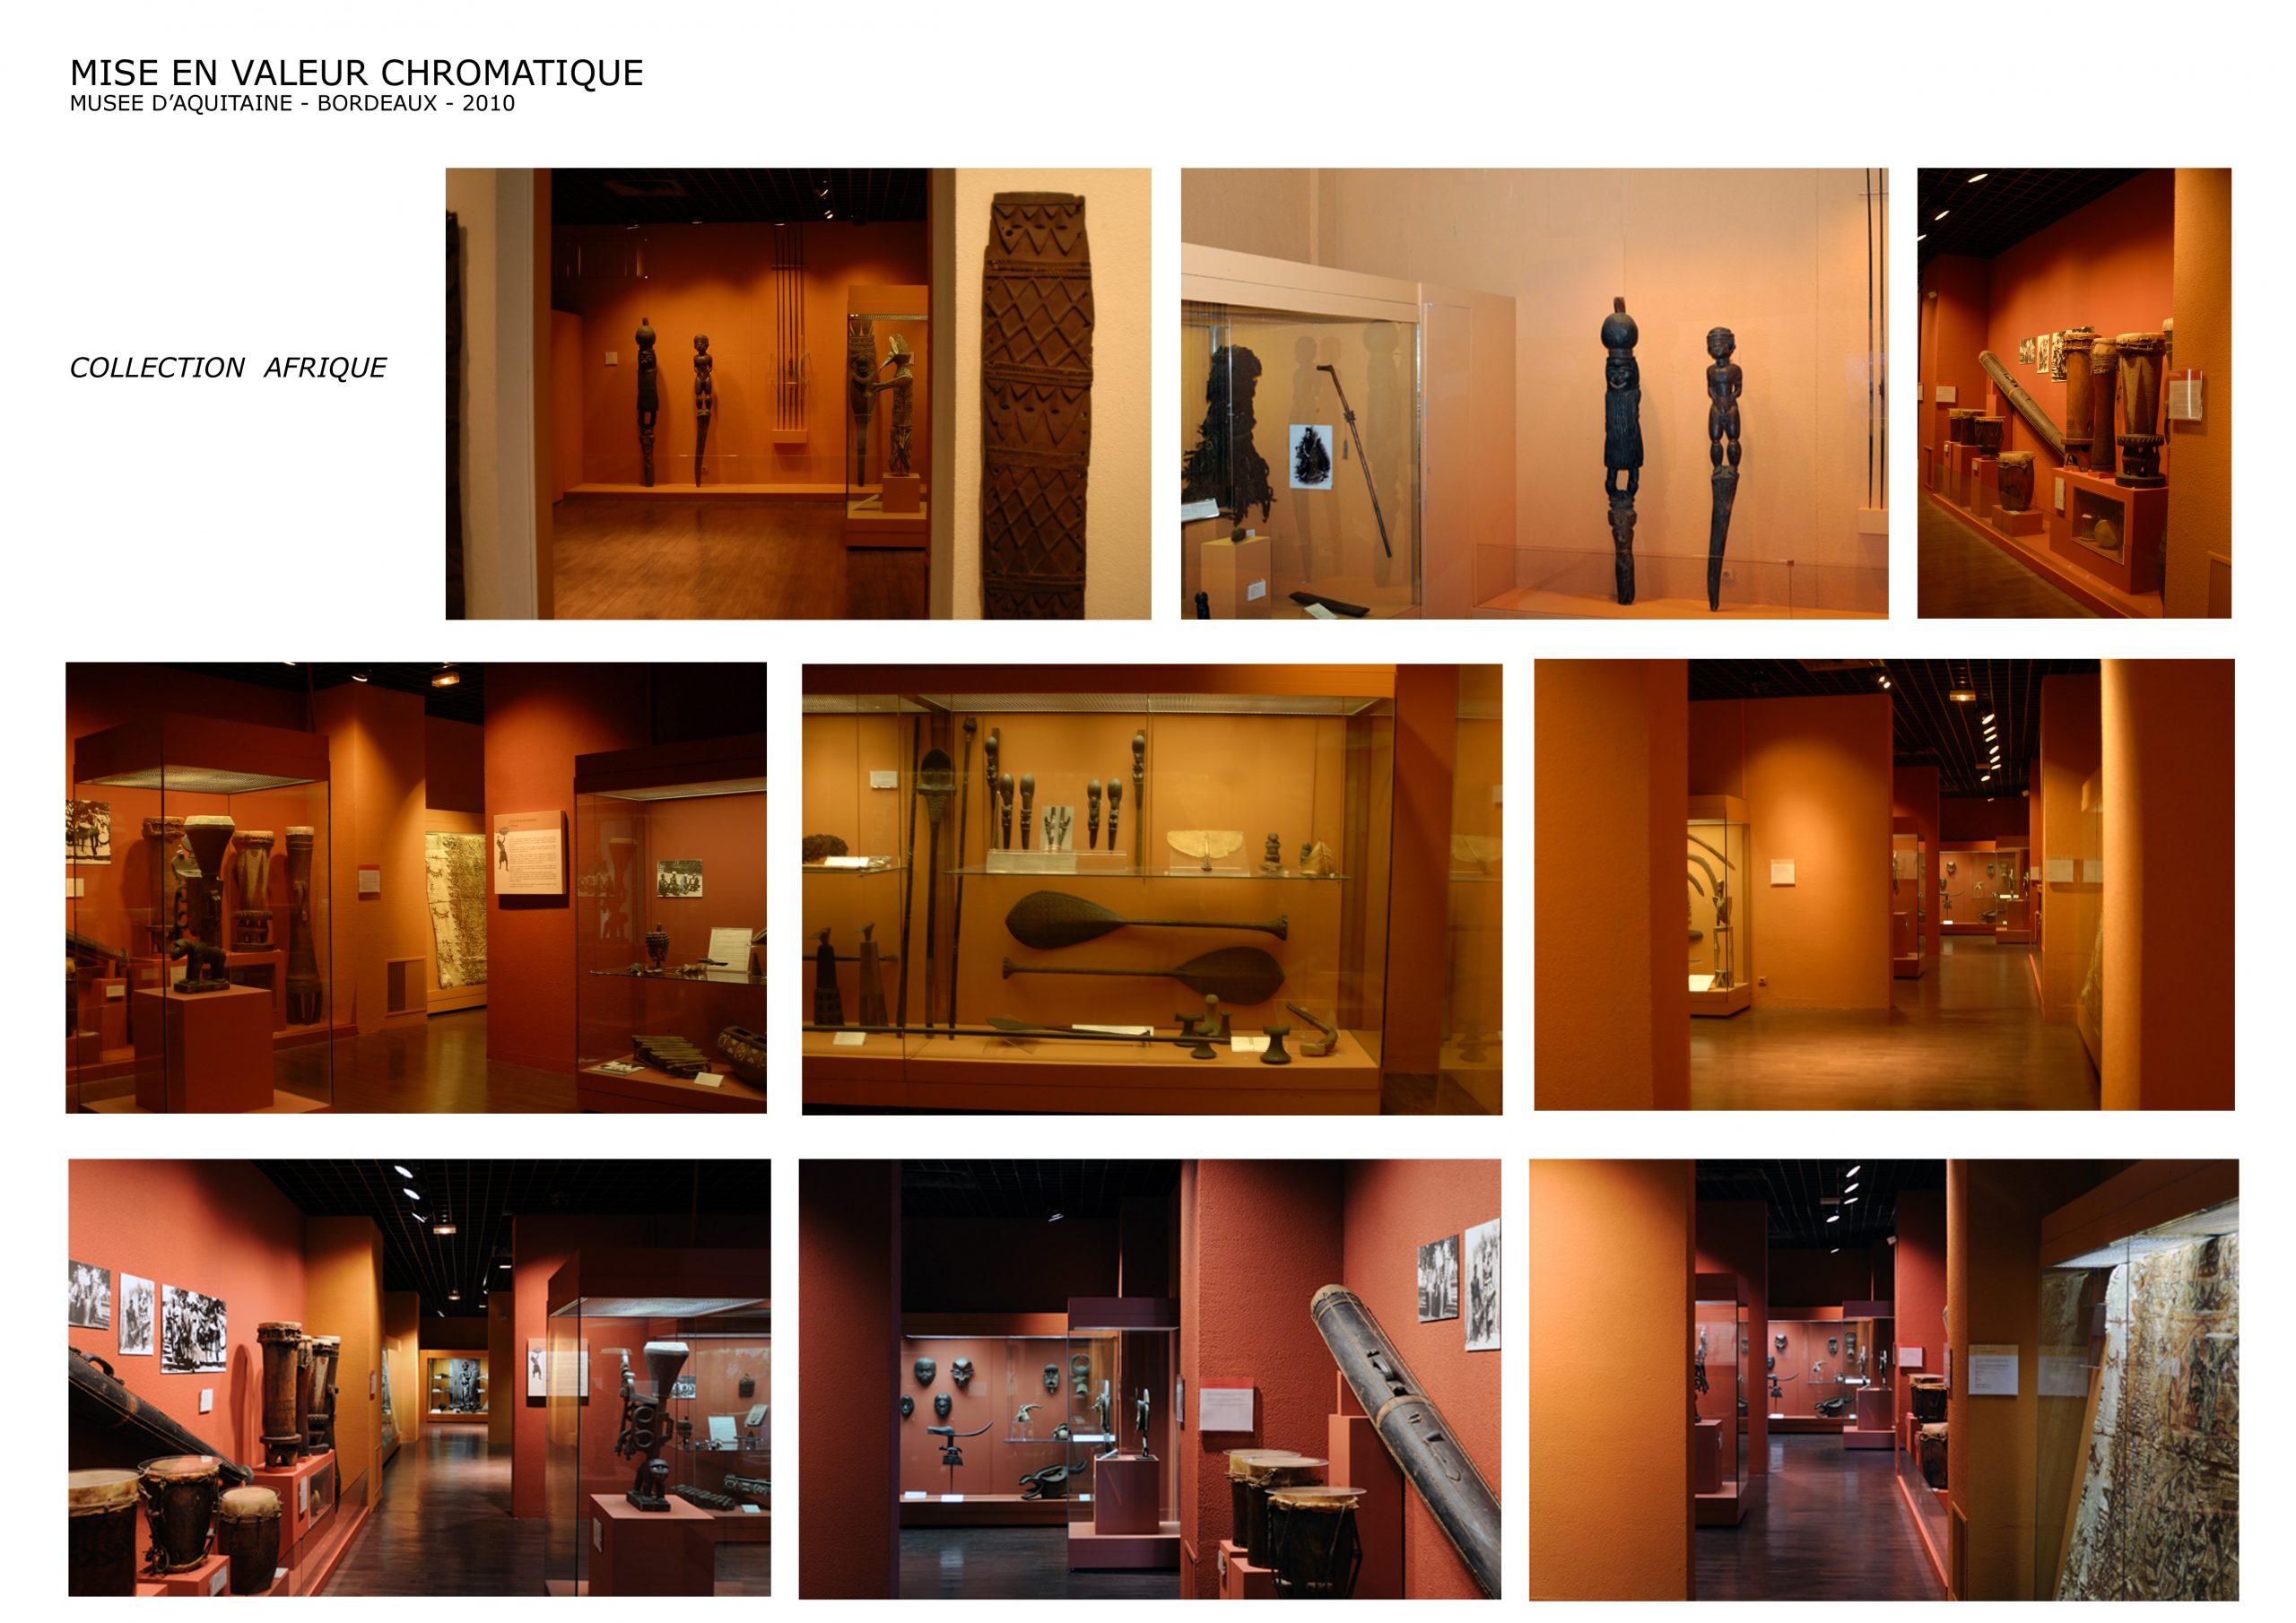 Musée d'Aquitaine Bordeaux- Mise en valeur chromatique-Collection Afrique